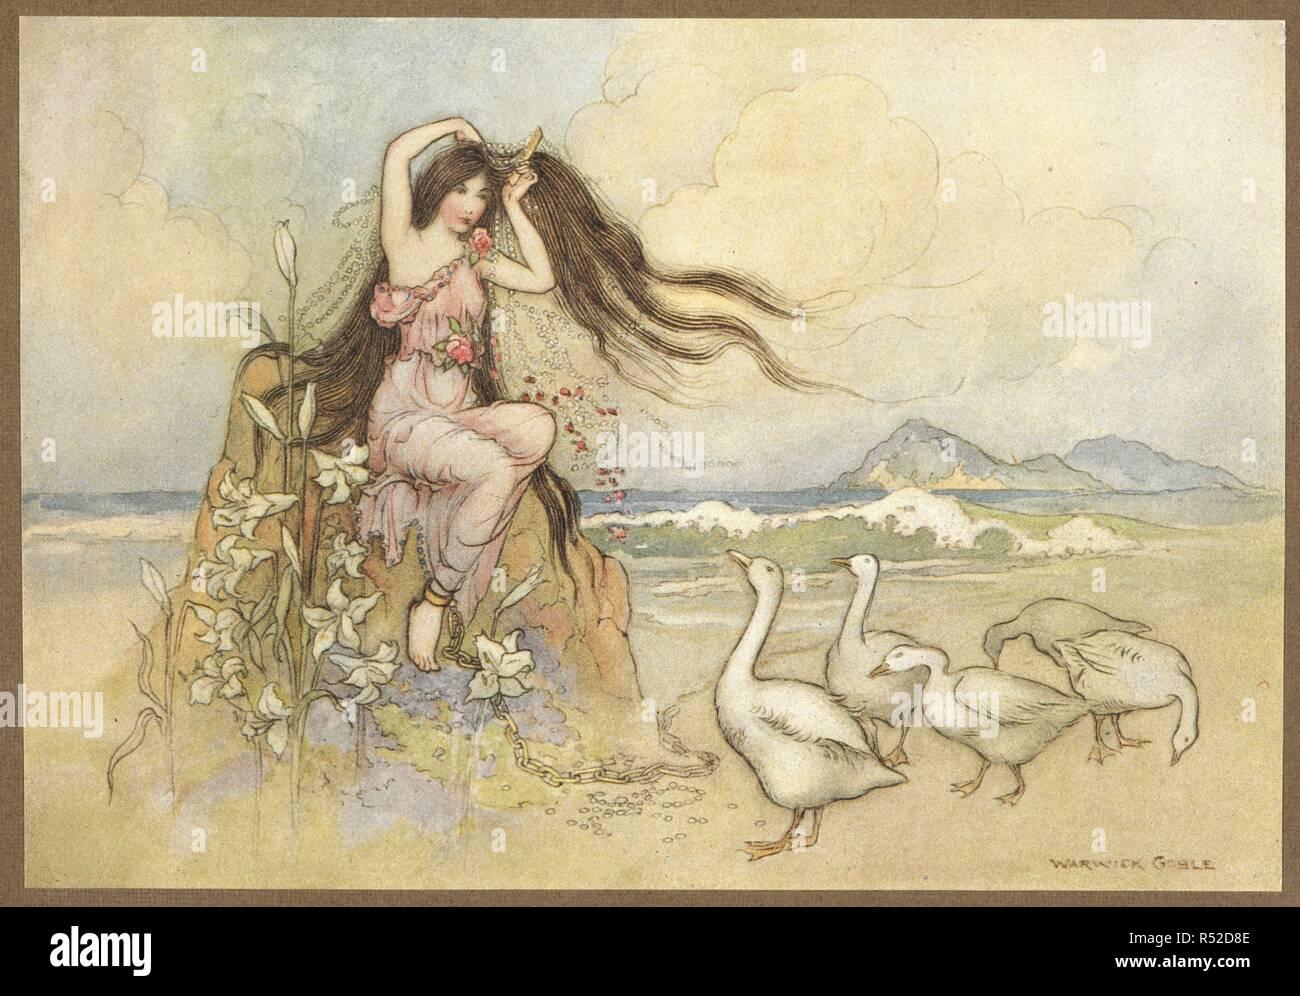 Marziella Der Am Ufer Des Meeres Ab Die Beiden Kuchen Geschichten